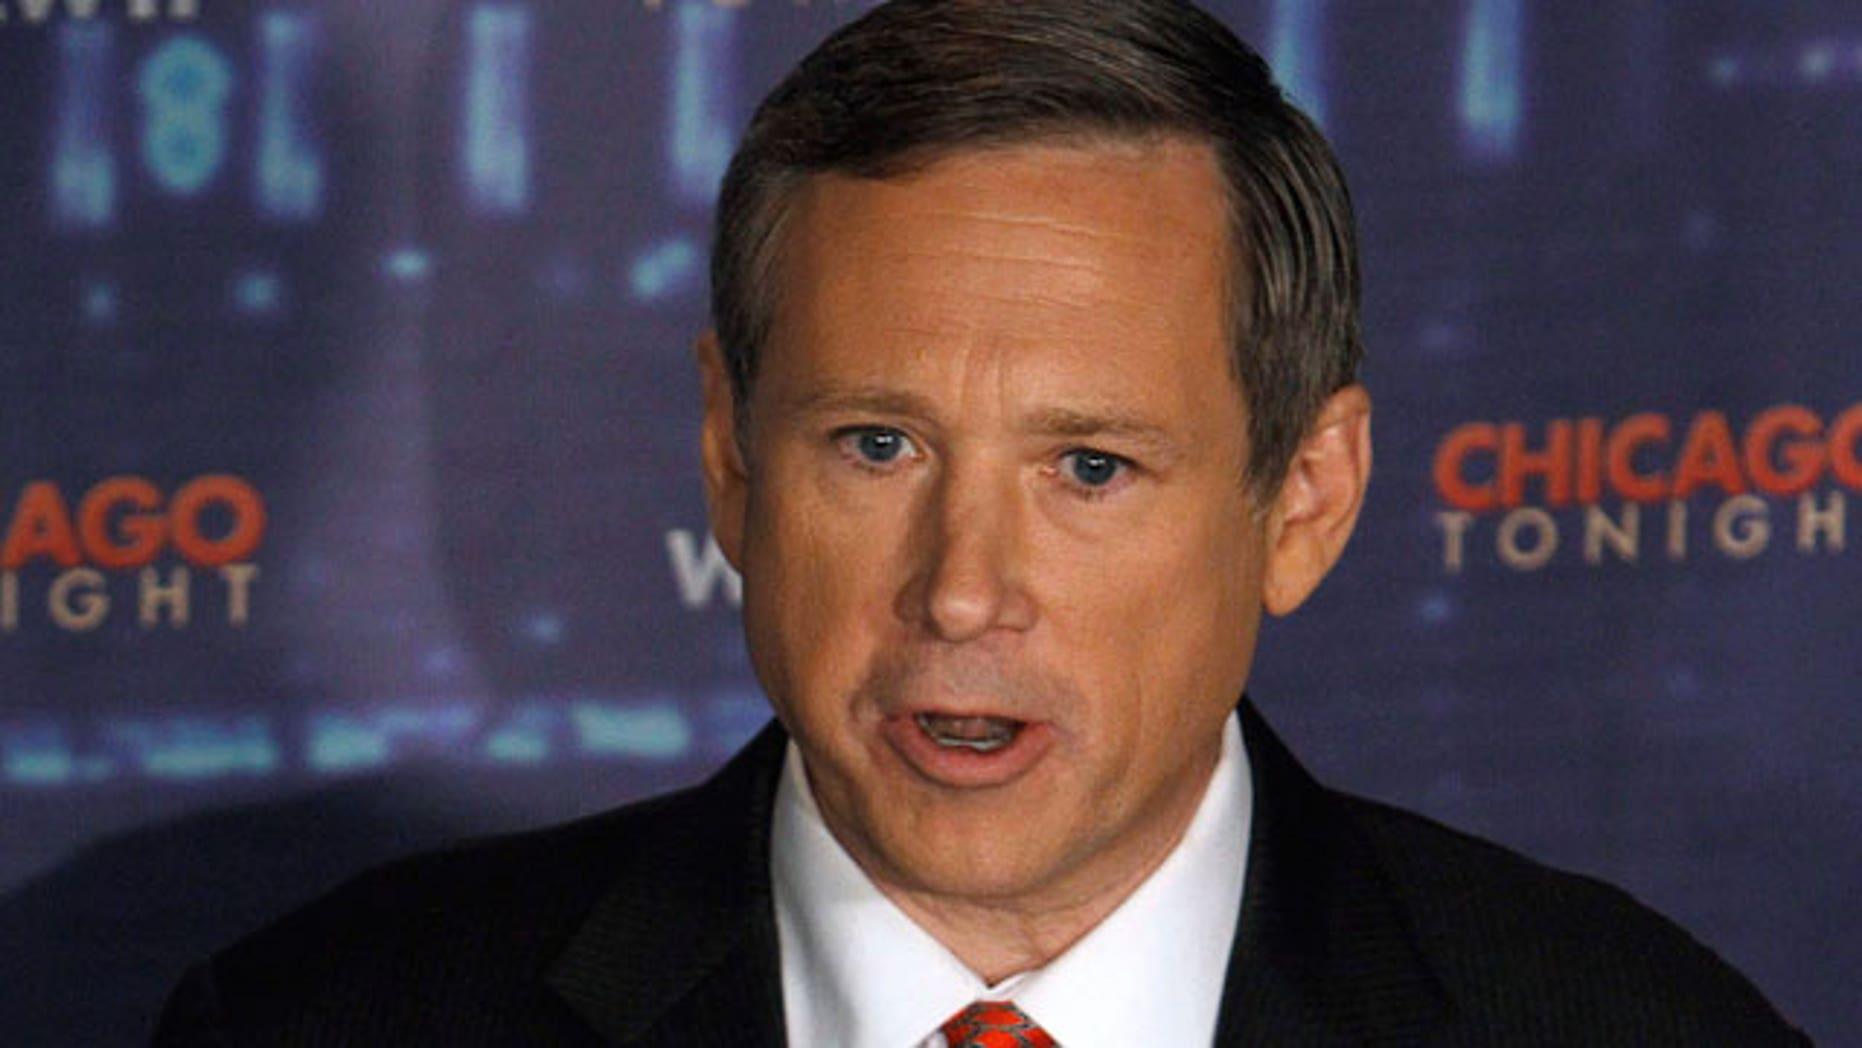 Illinois Senator Mark Kirk